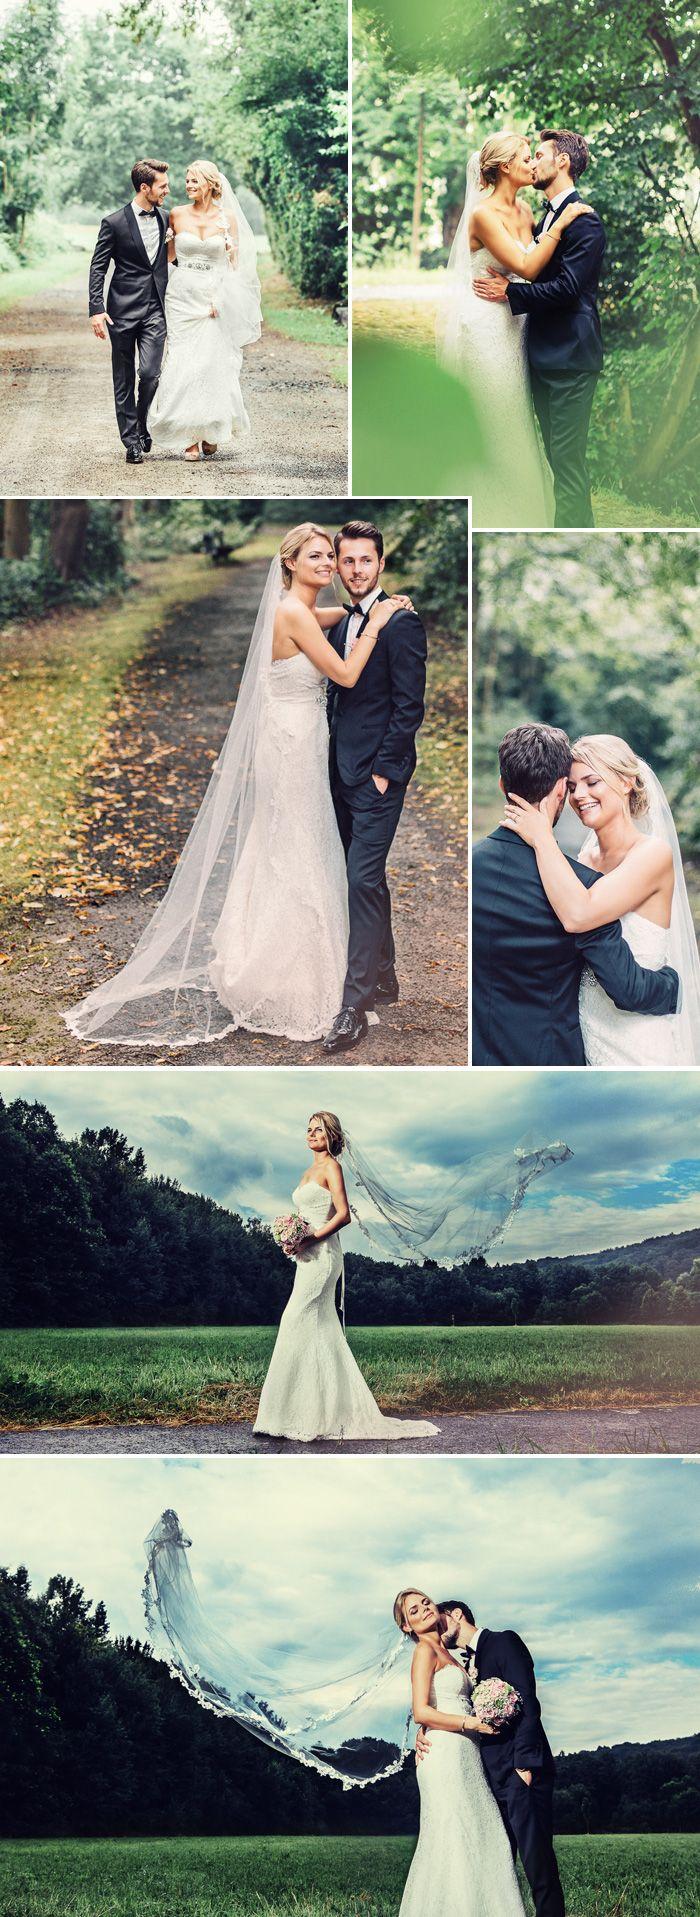 Paarshooting   Ideen, Tipps & Posen für schöne Paarfotos